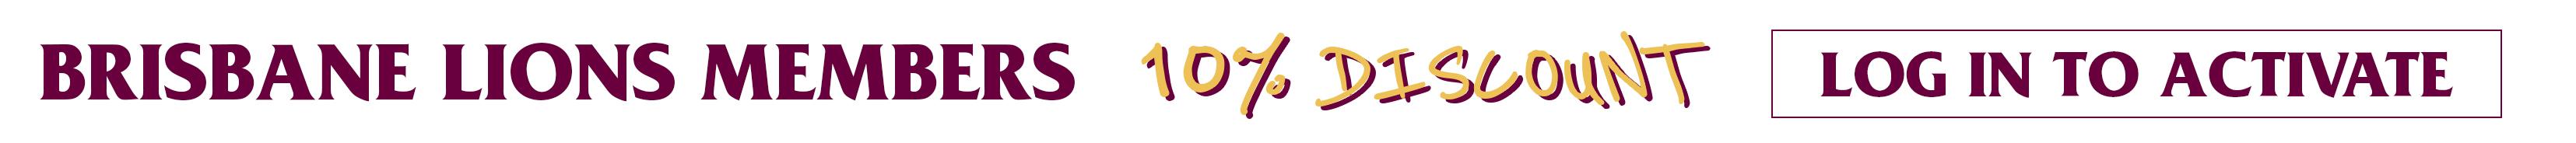 210072-lionsshop-website-strip-tile.jpg